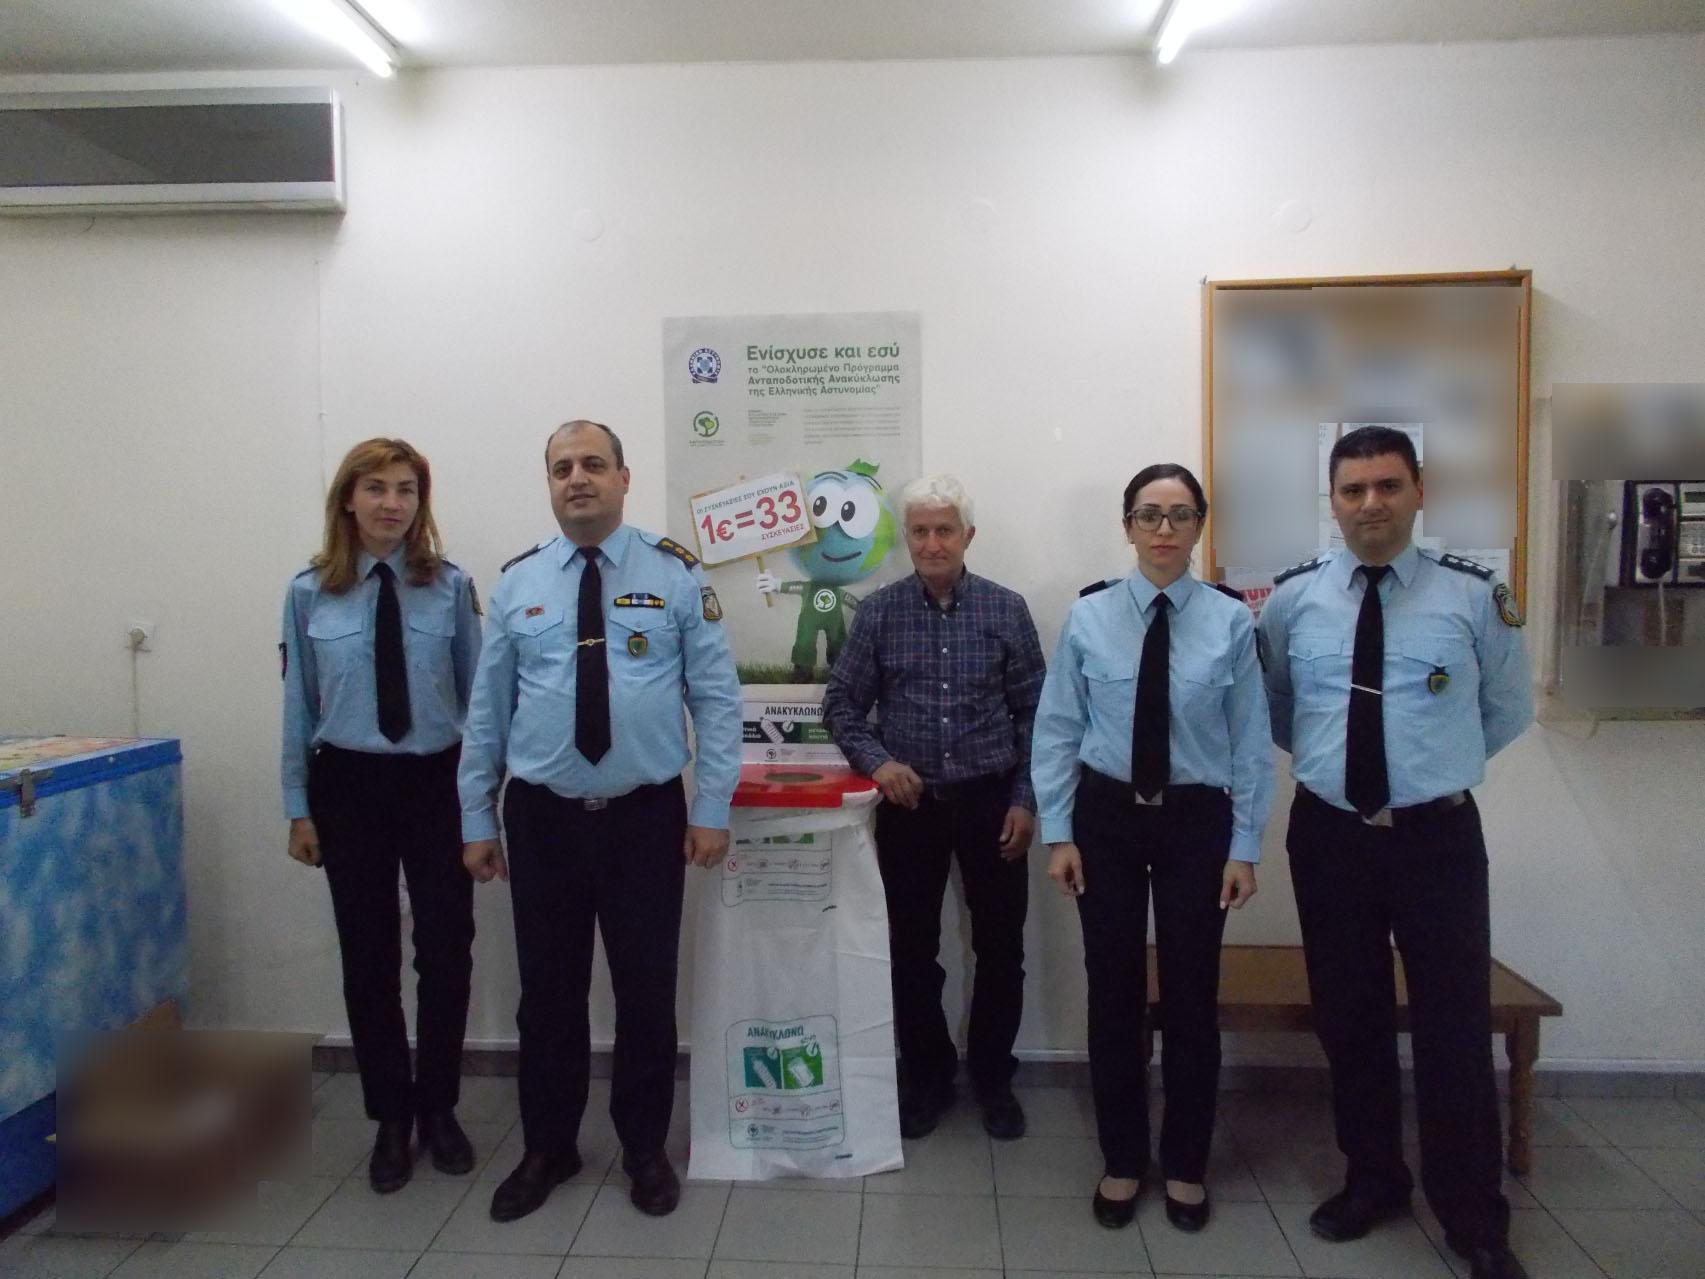 Το «Ολοκληρωμένο Πρόγραμμα Ανταποδοτικής Ανακύκλωσης της Ελληνικής Αστυνομίας» στις Διευθύνσεις Αστυνομίας της Γενικής Περιφερειακής Αστυνομικής Διεύθυνσης Δυτικής Μακεδονίας